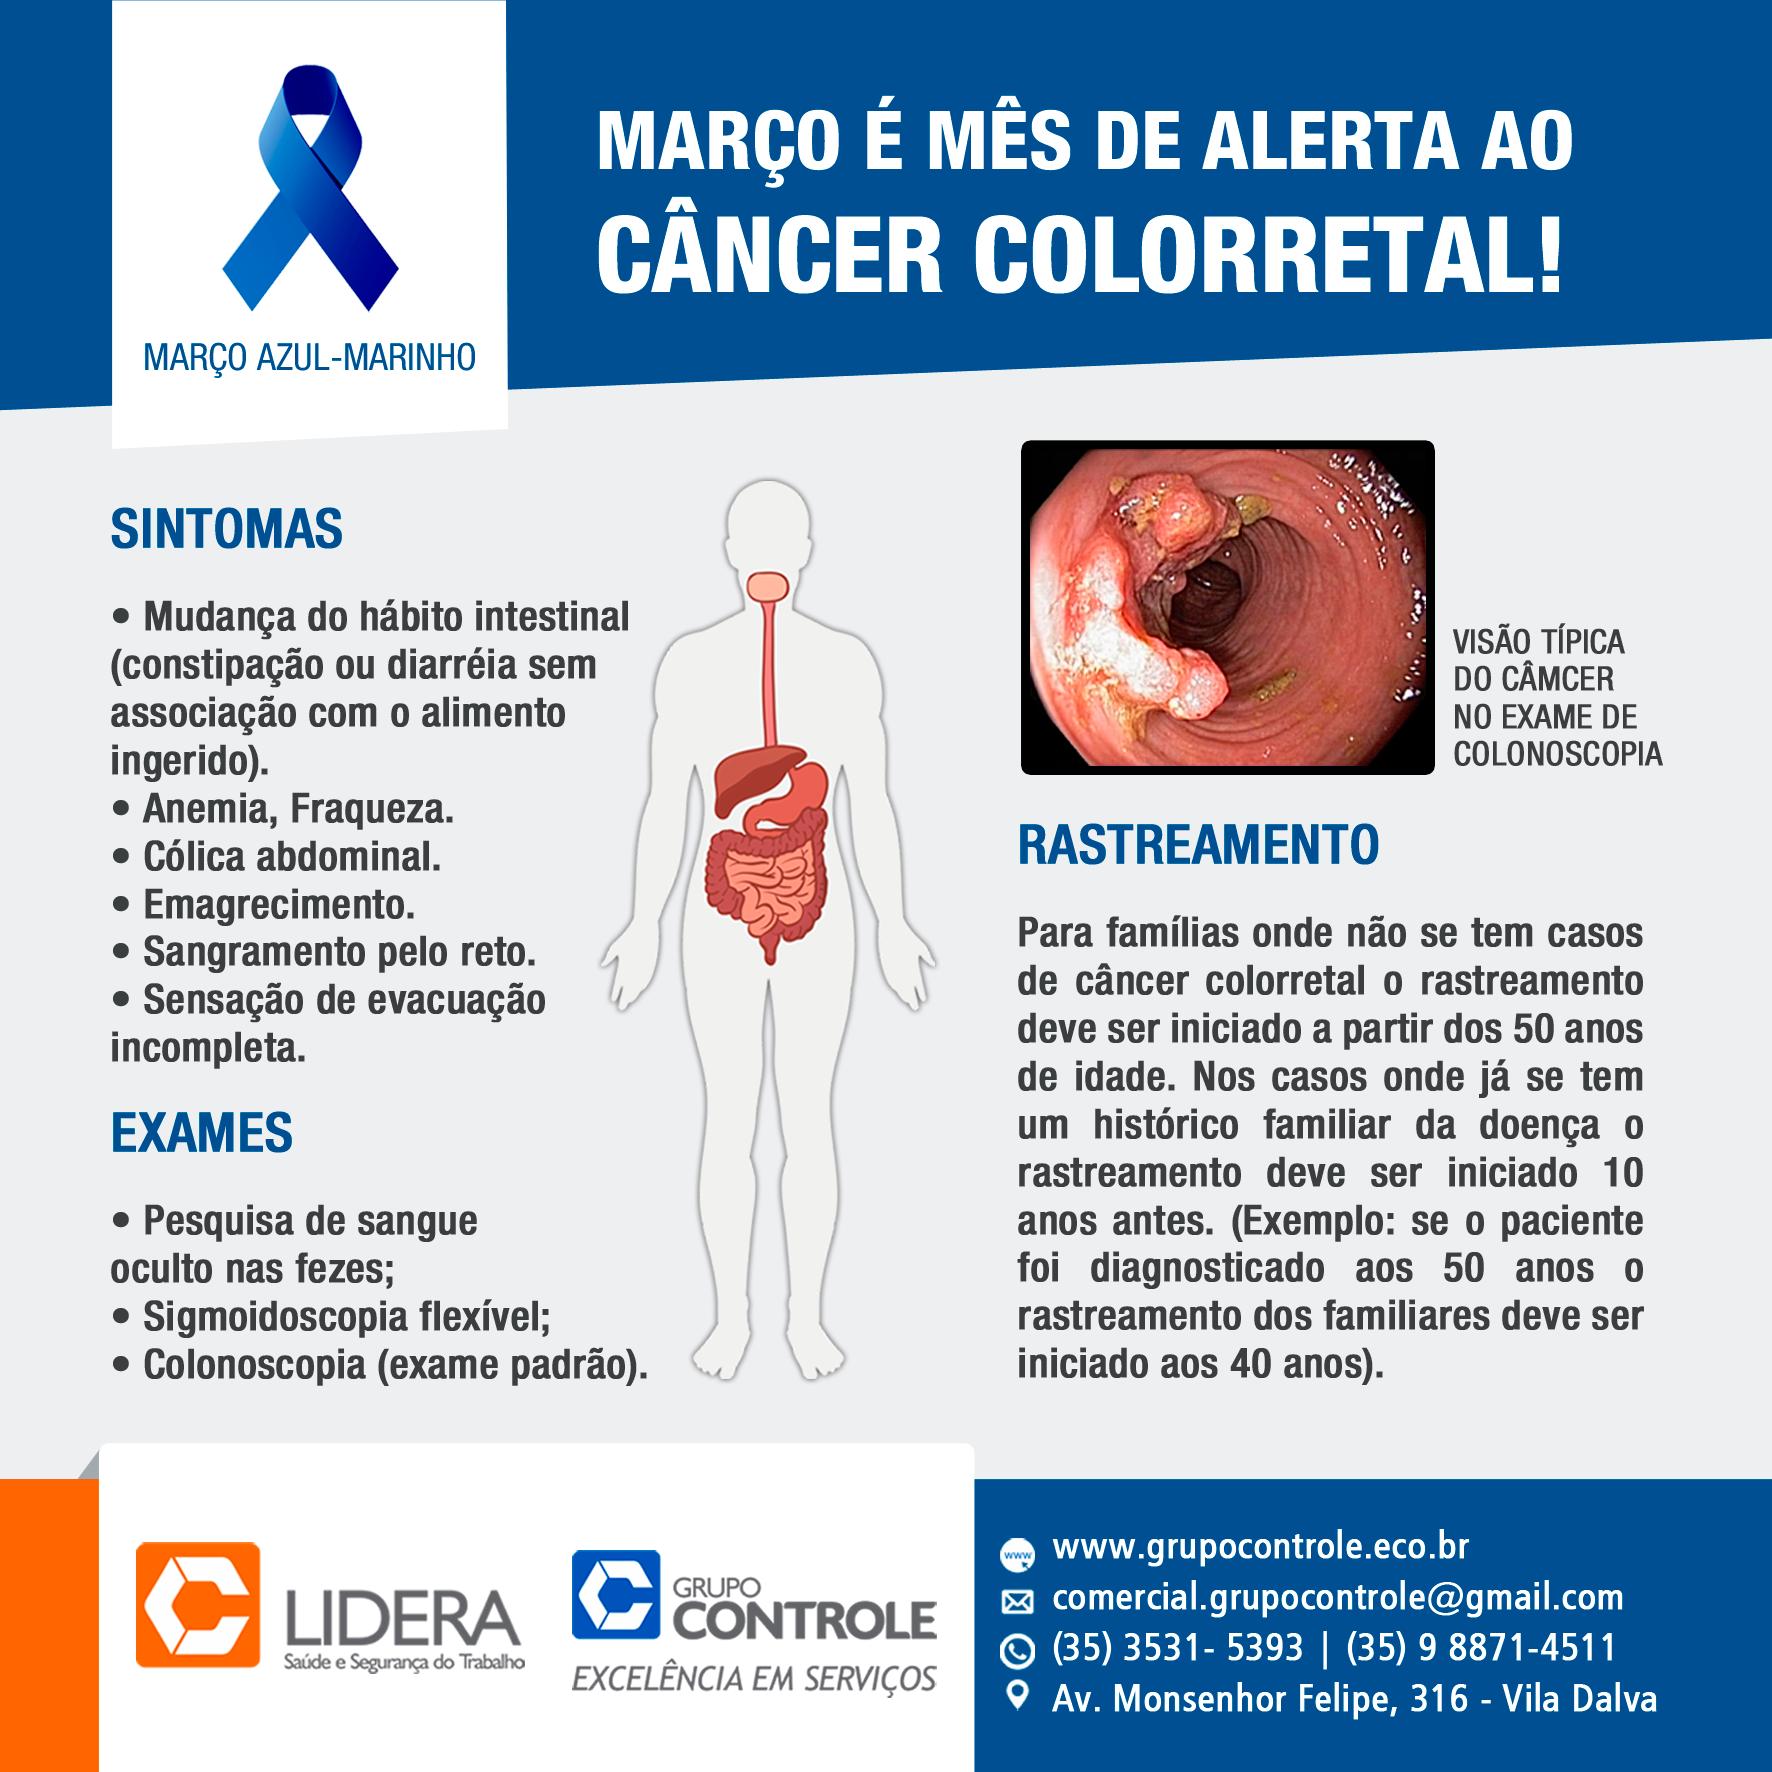 Alerta ao Câncer Colorretal